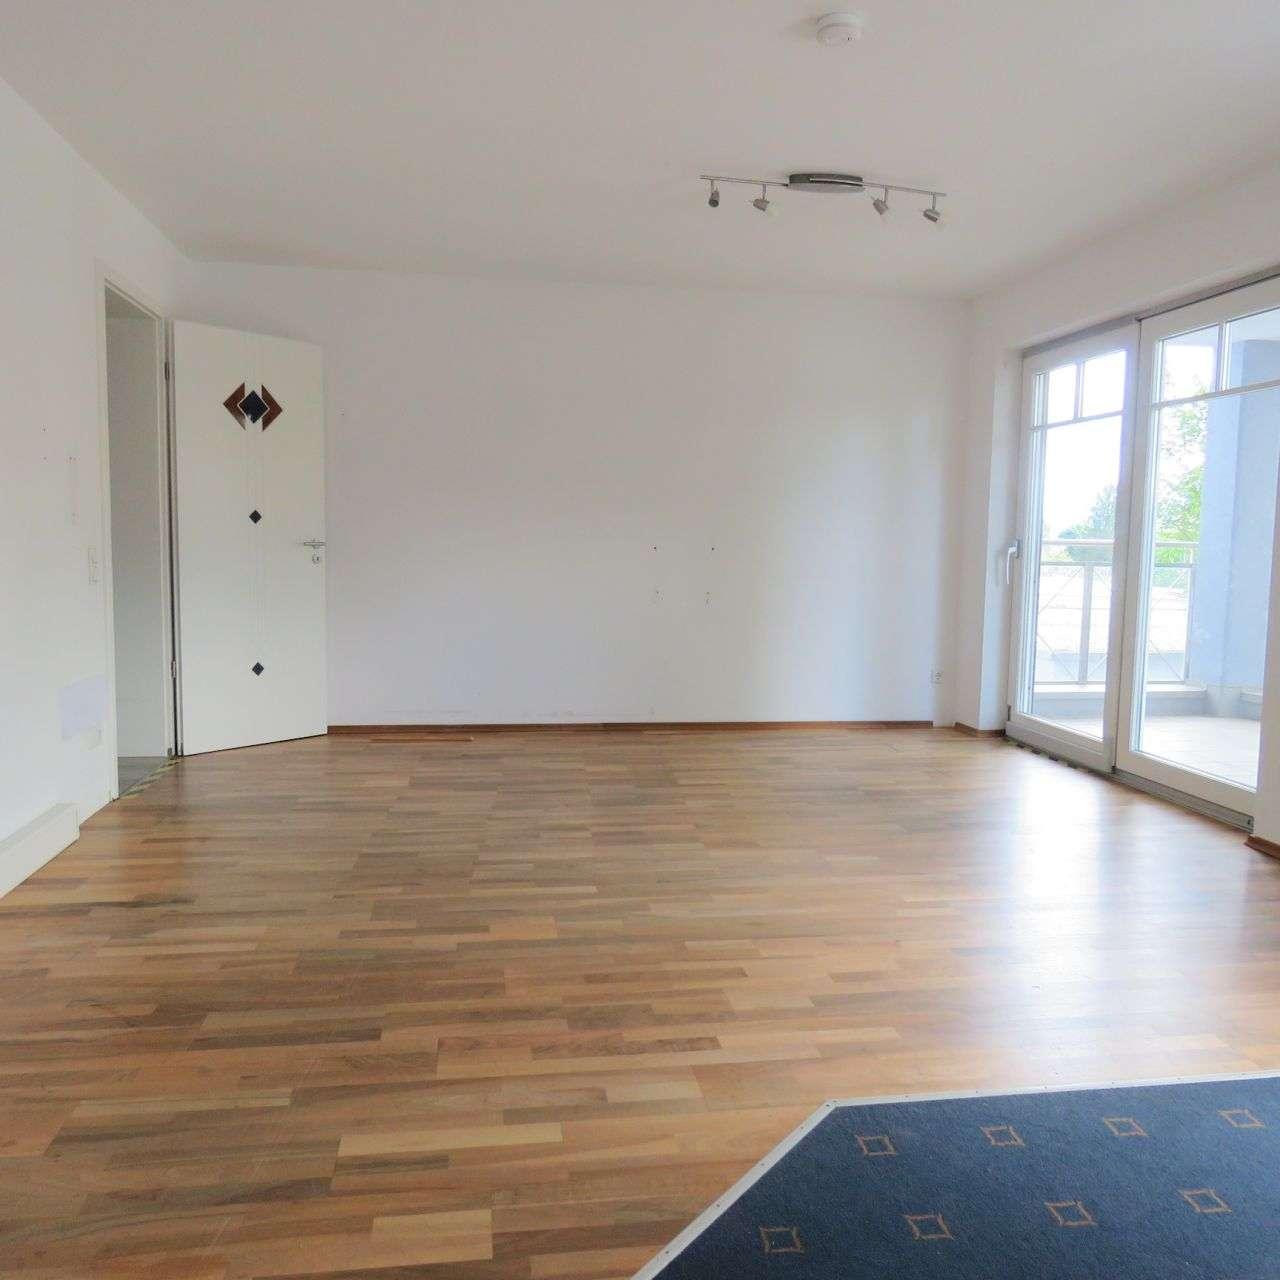 Großzügige Wohnung mit Loggia in gehobener Wohngegend in